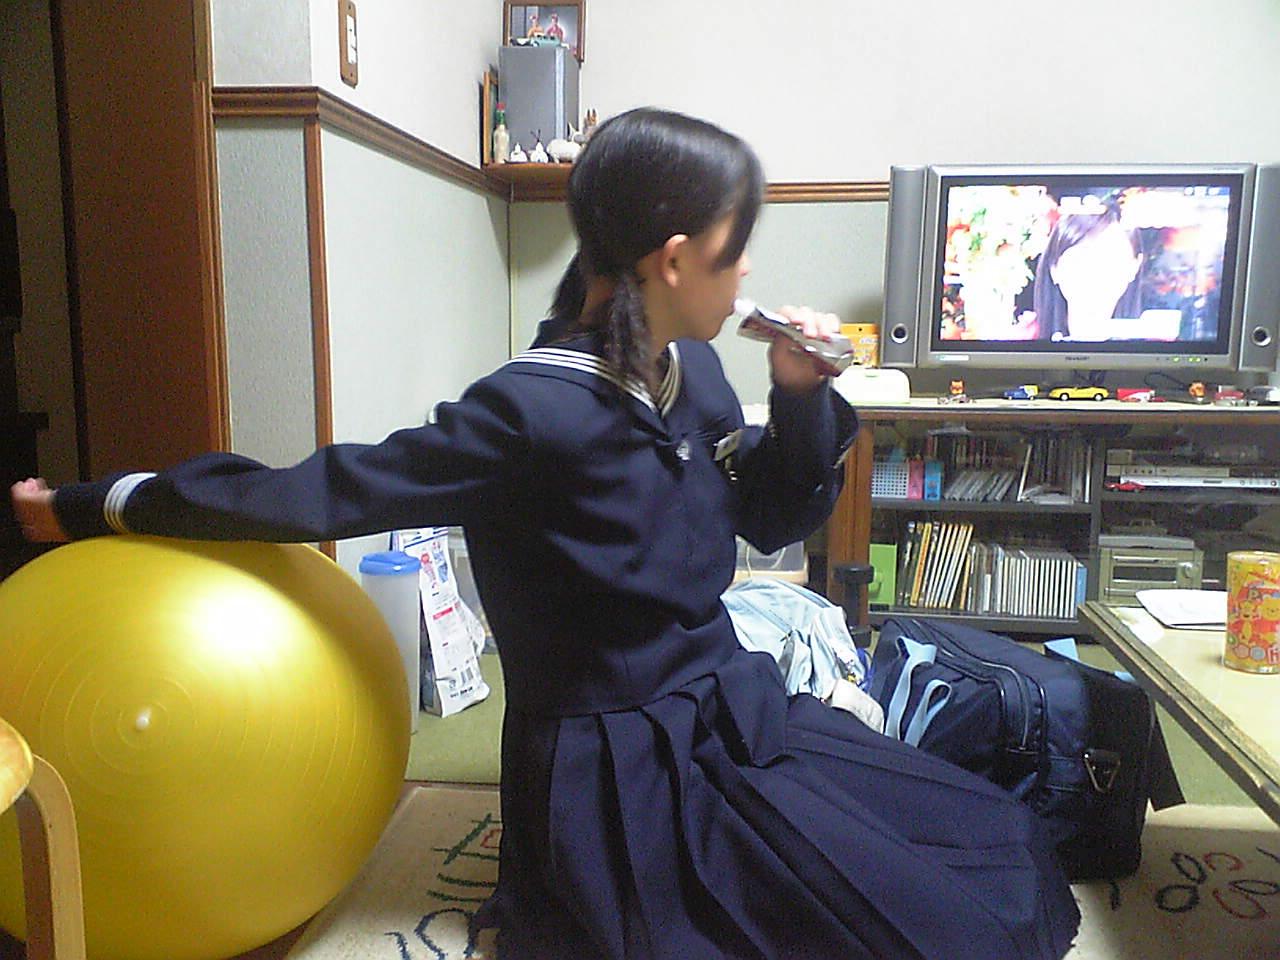 セーラー服大好き!Part30 [無断転載禁止]©bbspink.comYouTube動画>44本 ->画像>1362枚